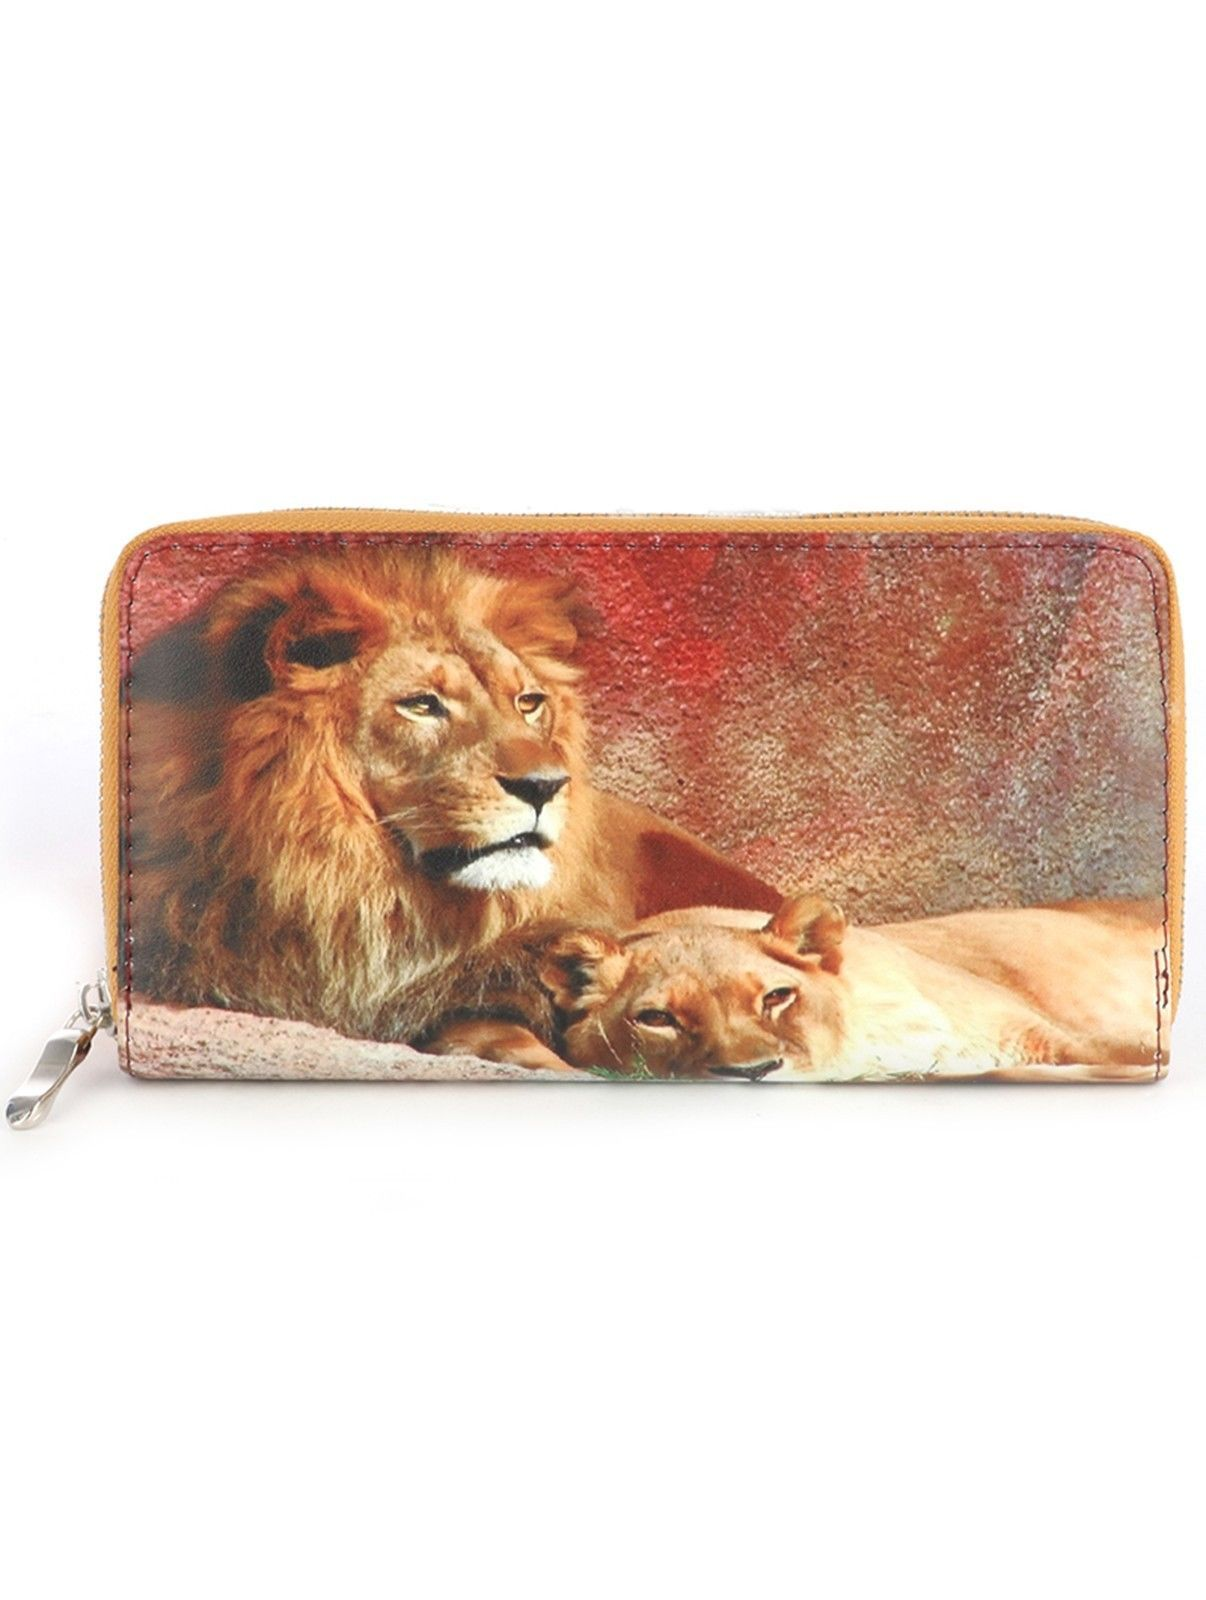 Lion Print Zip Around Wallet Clutch Purse Lions